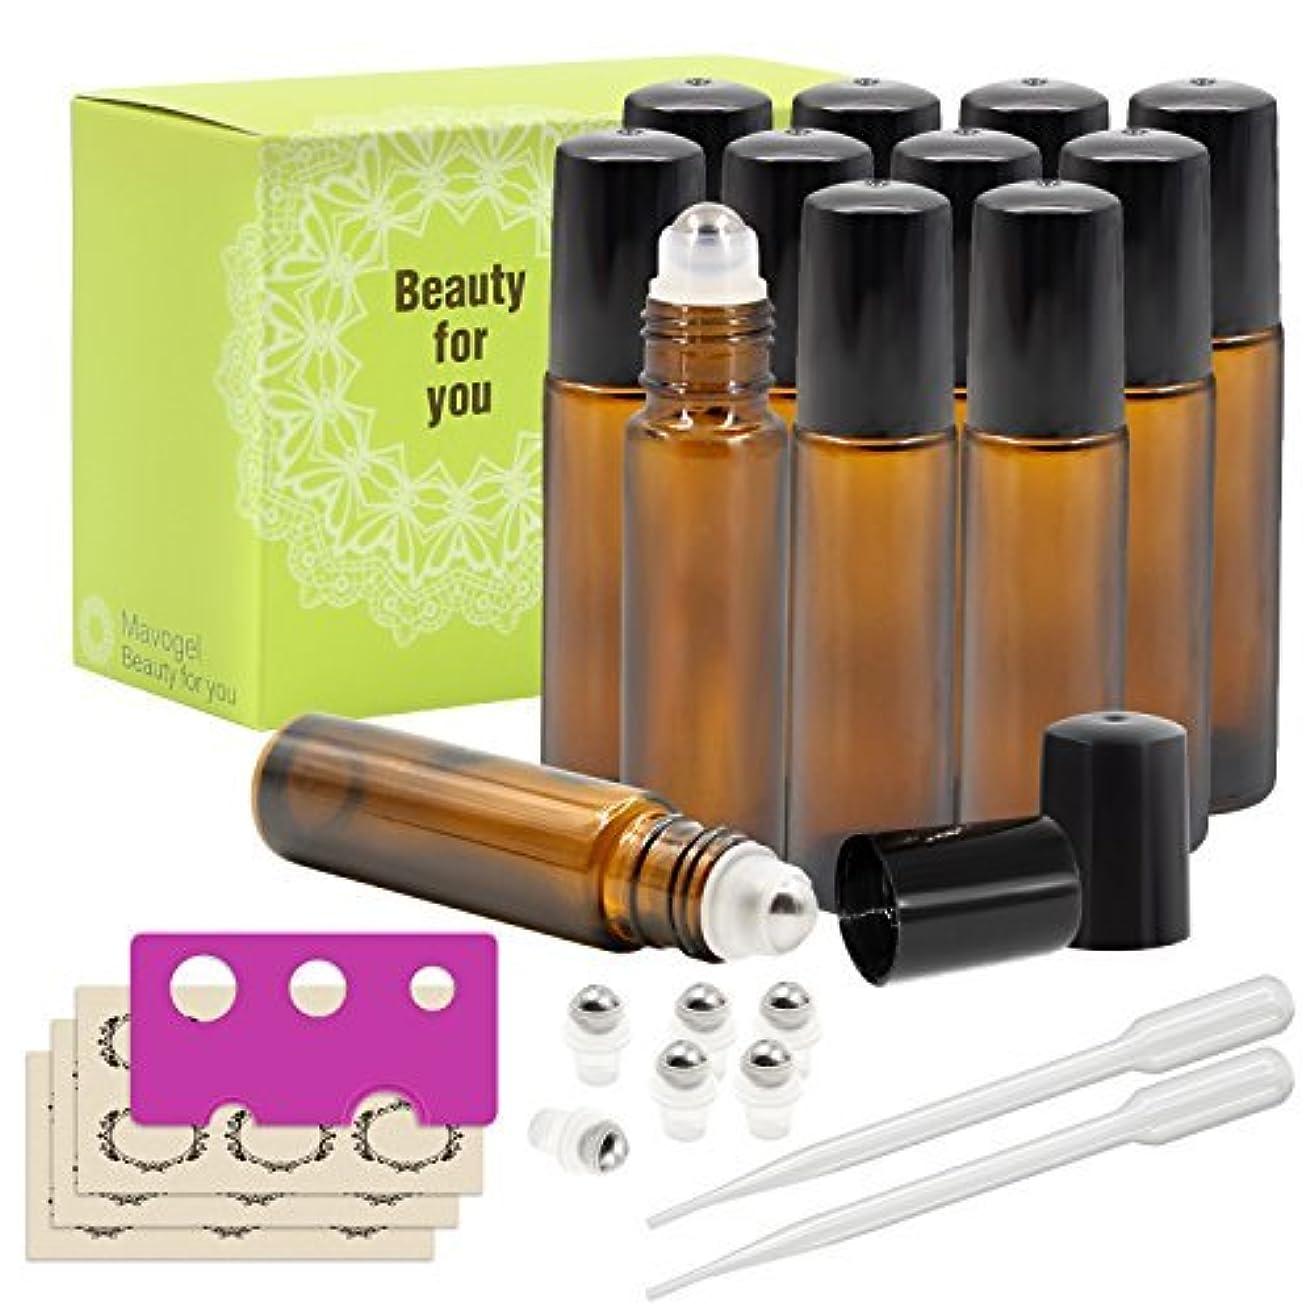 クスクス脅威傾向があるMavogel Glass Roll-on Bottles - 10ml, 12 Pack, Amber, Extra Stainless Steel Roller Balls, Essential Oil Opener, Droppers, and Labels Included [並行輸入品]